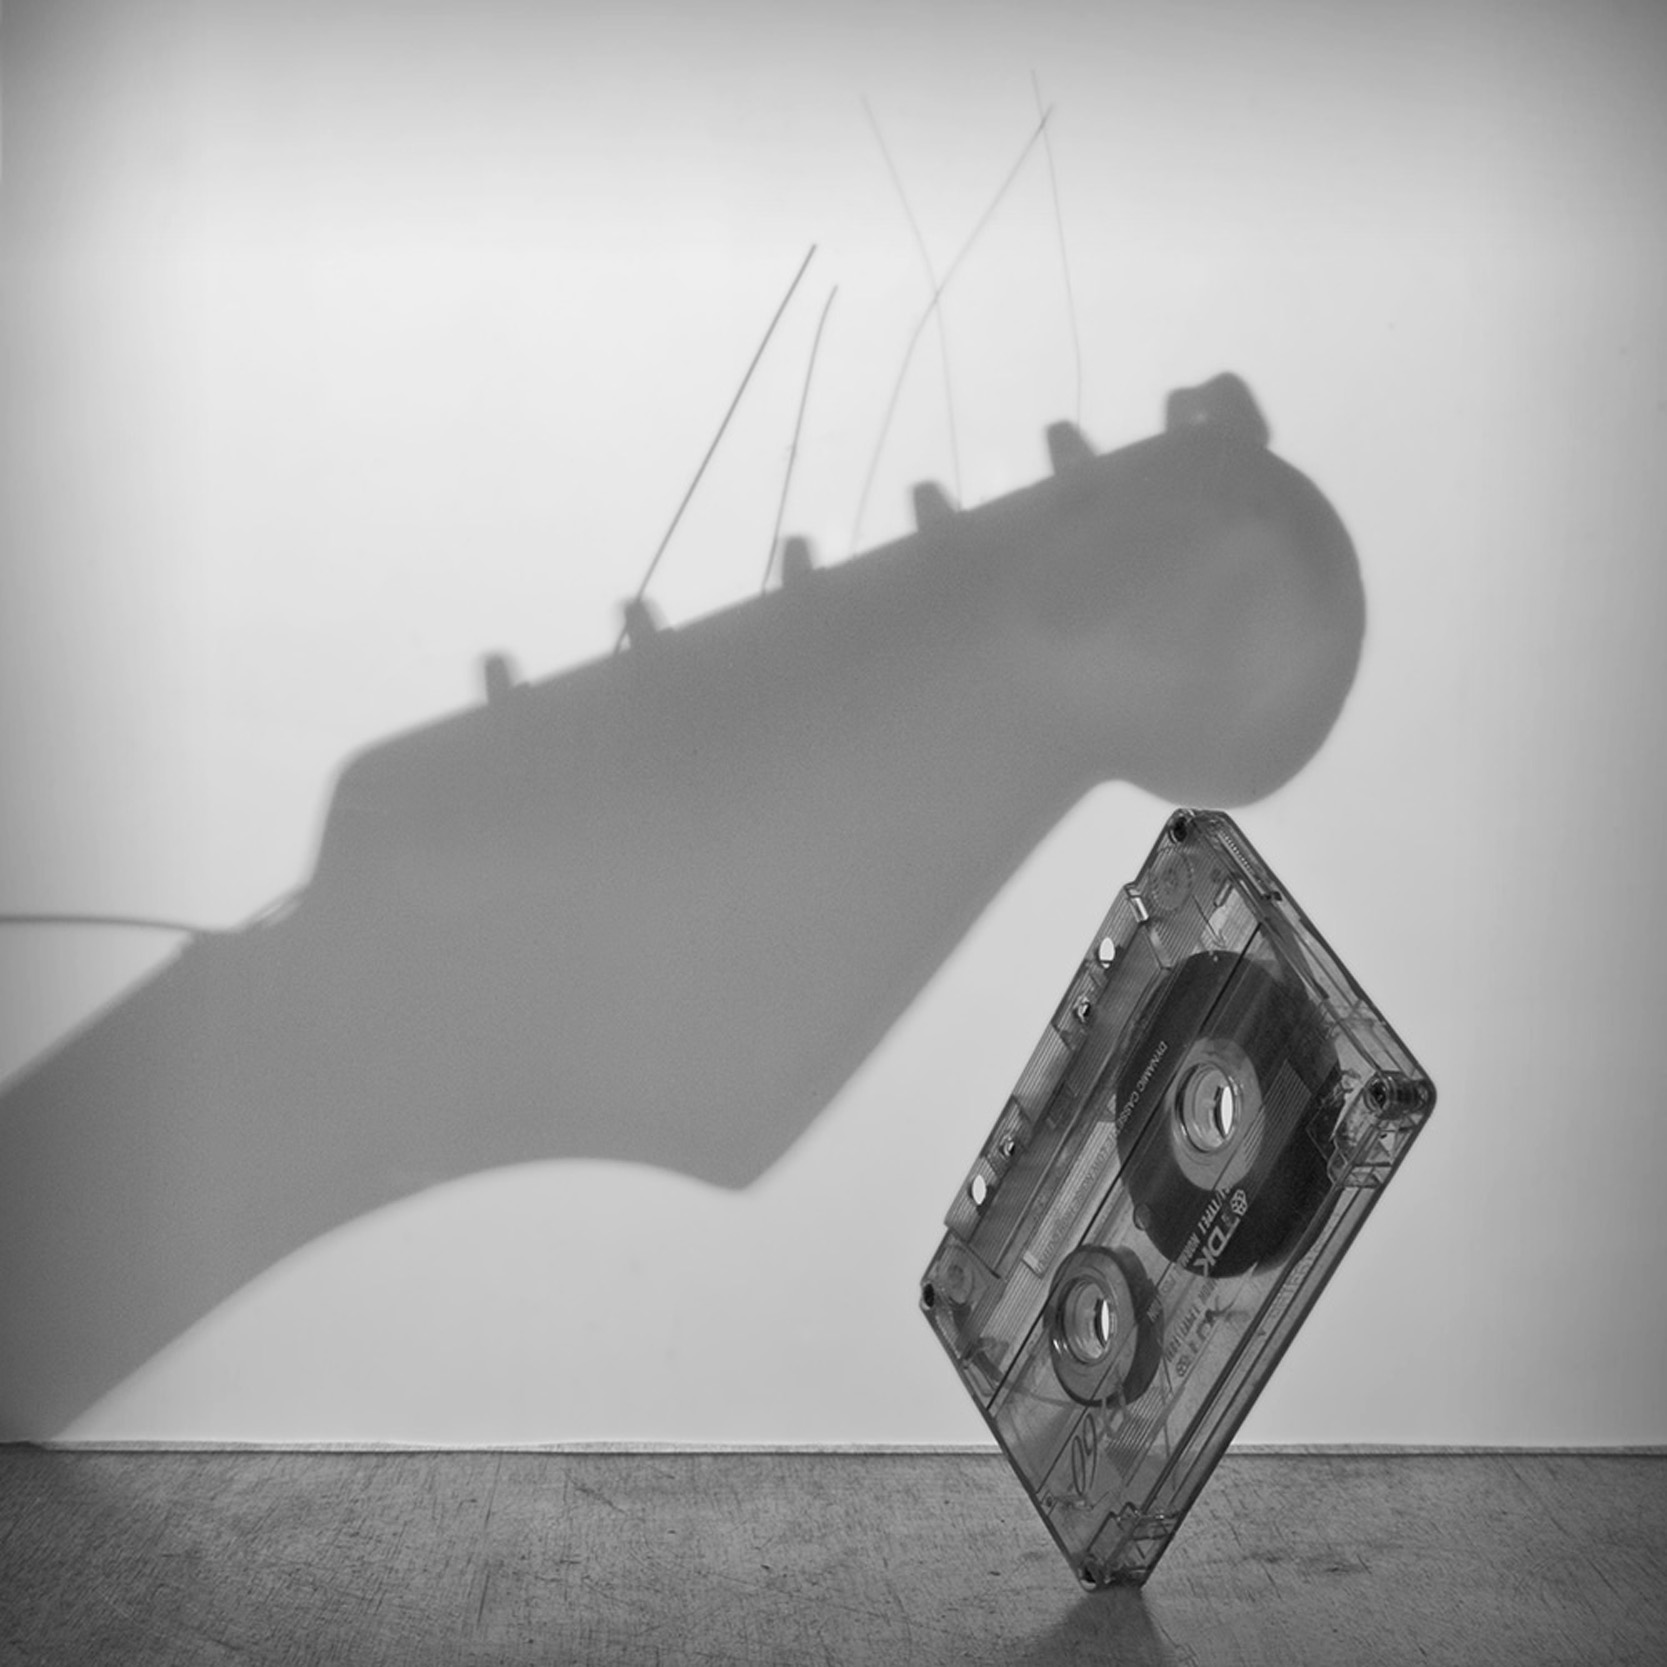 La fuerza de la musica (2010) - Jorge Molinero